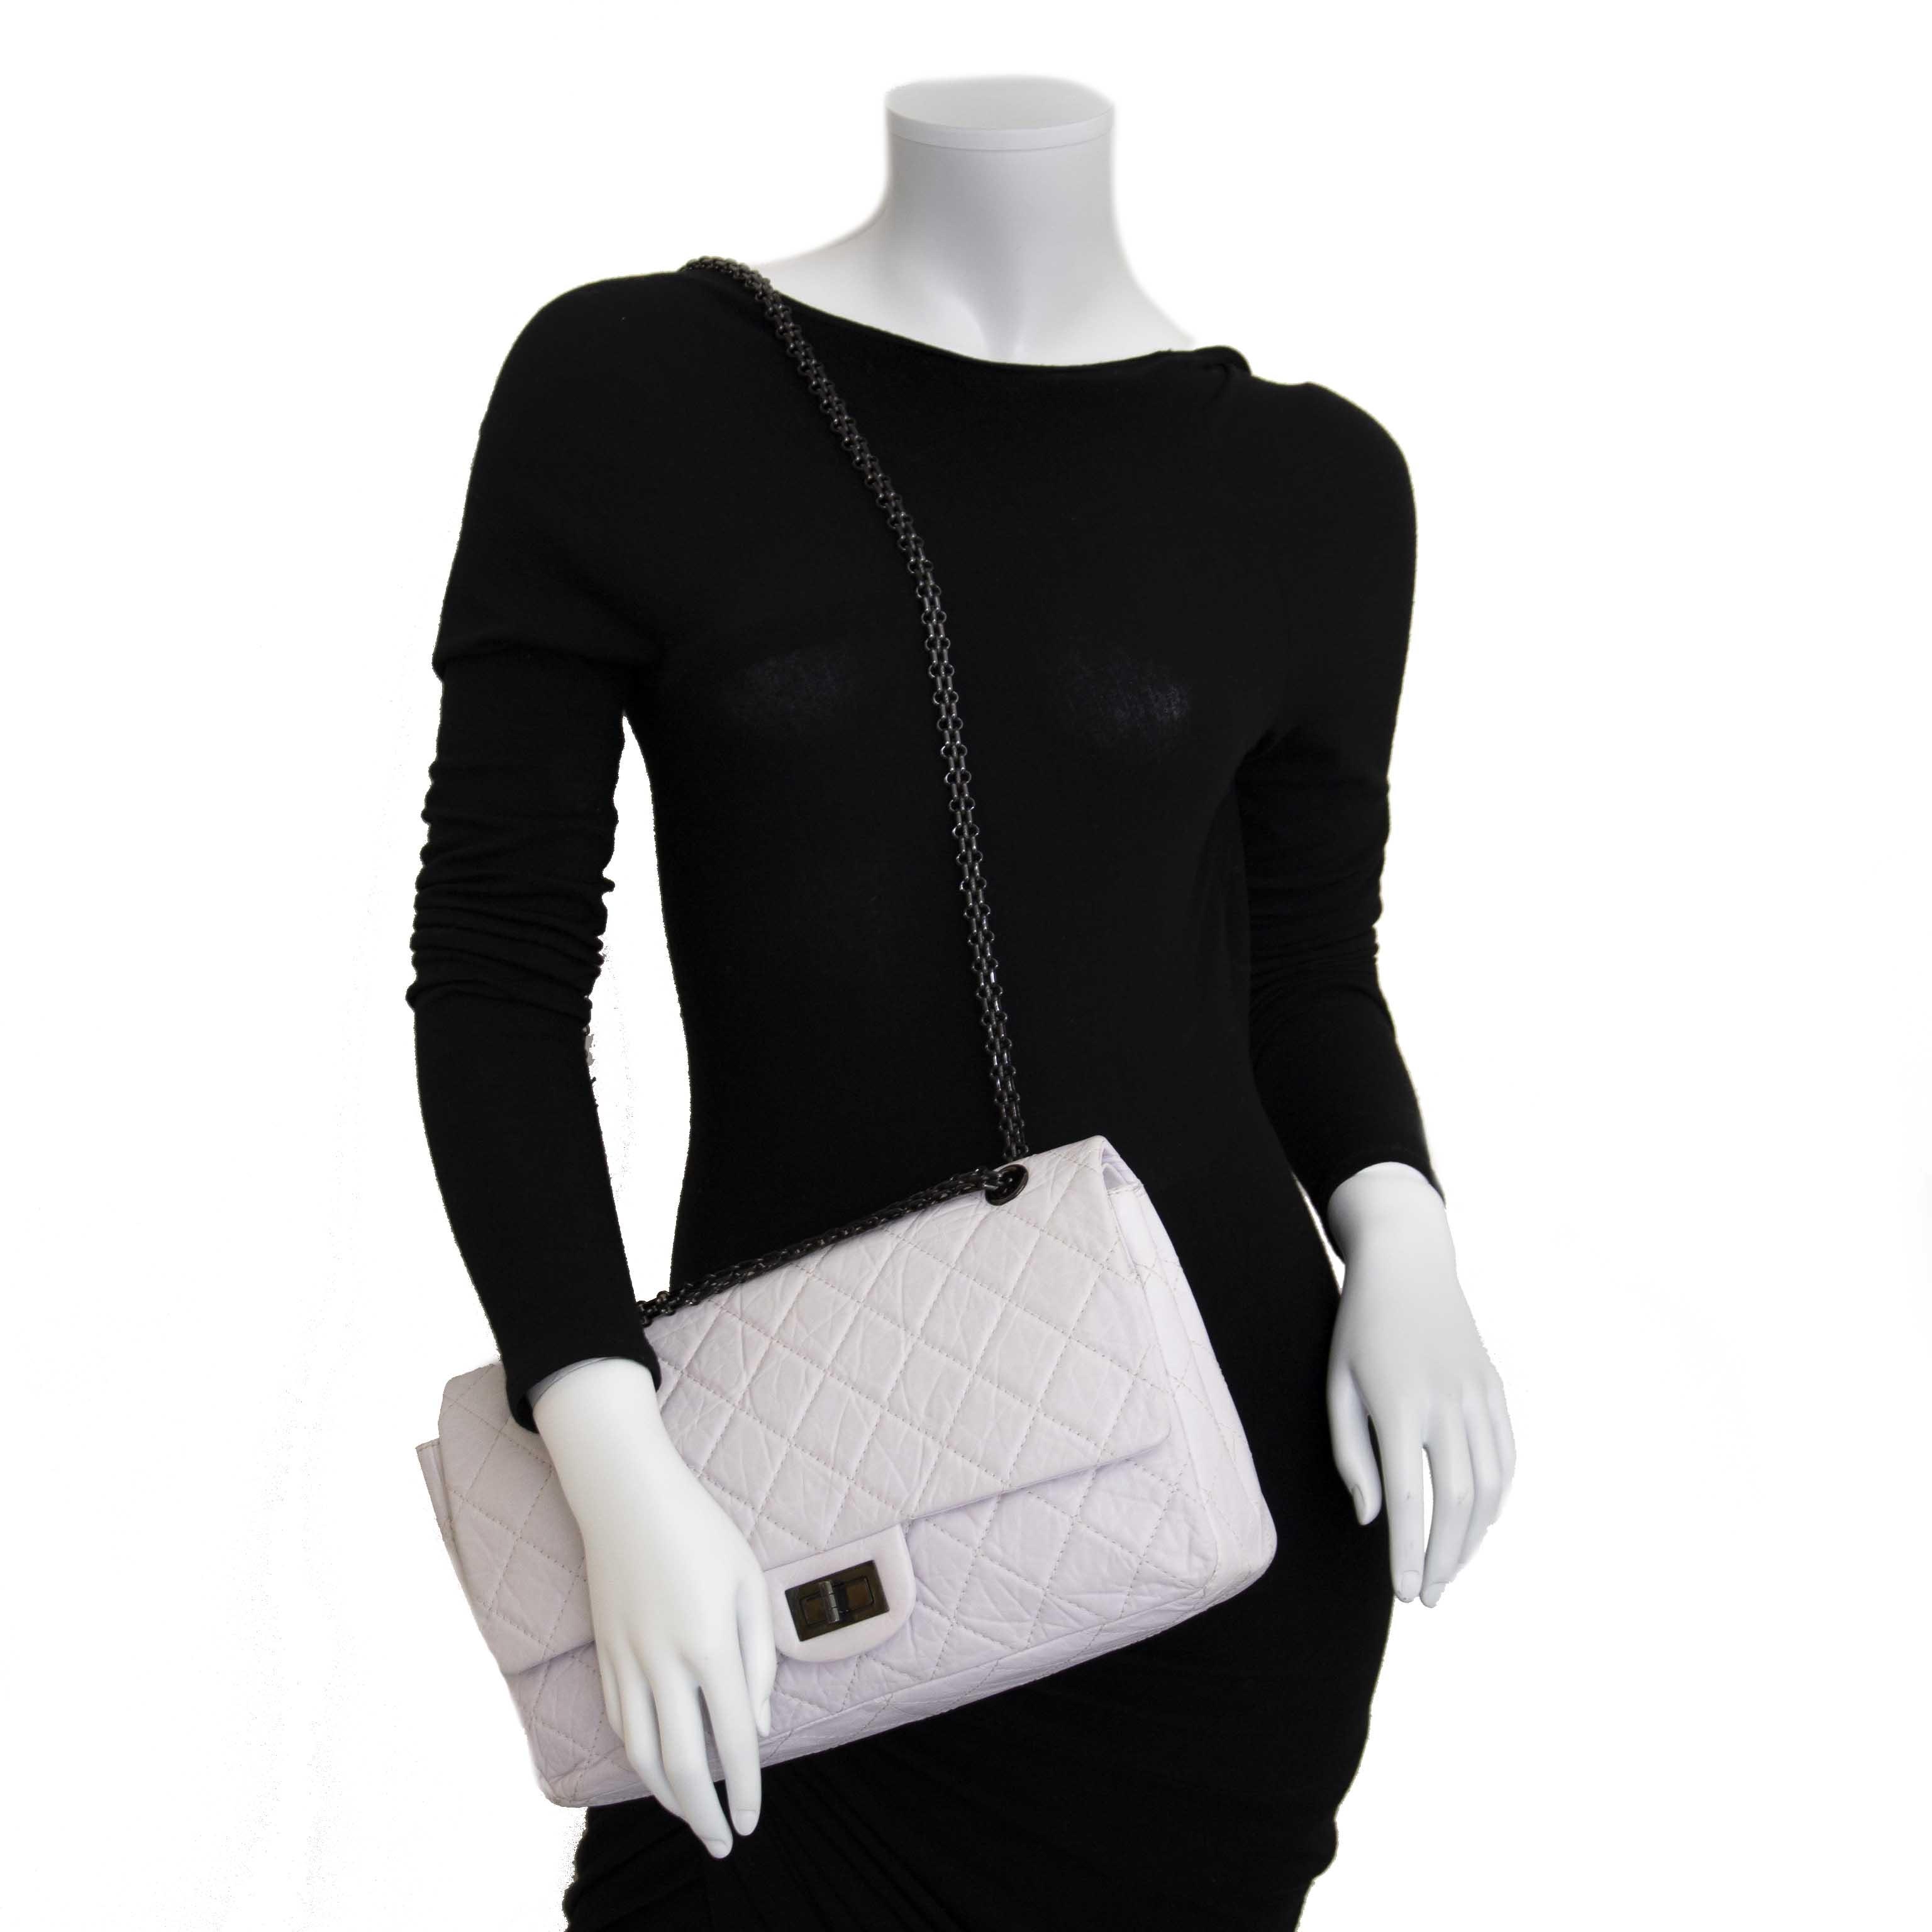 Chanel White Aged Calfskin 2.55 Reissue 227 Flapbag